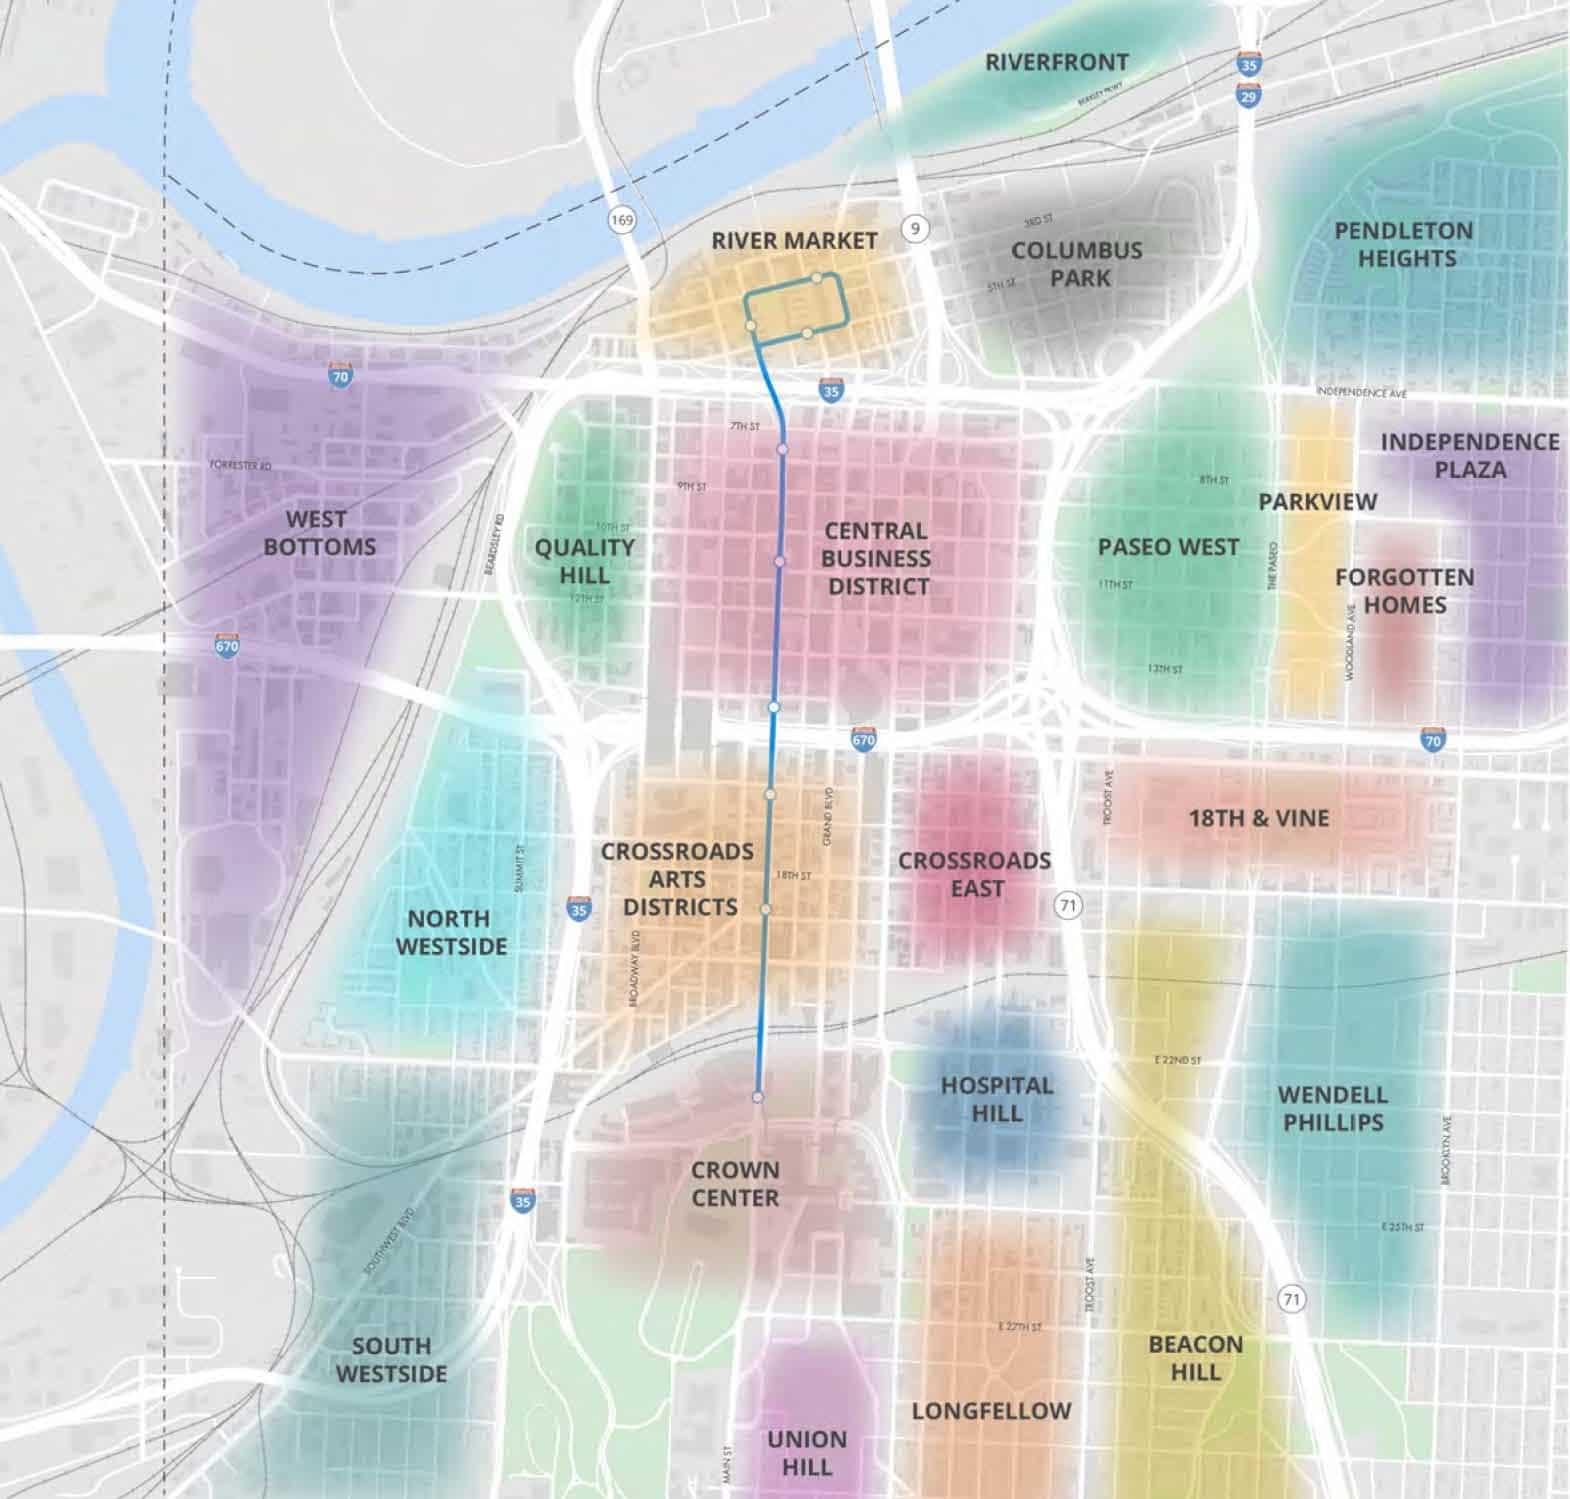 DowntownKC+Neighborhoods